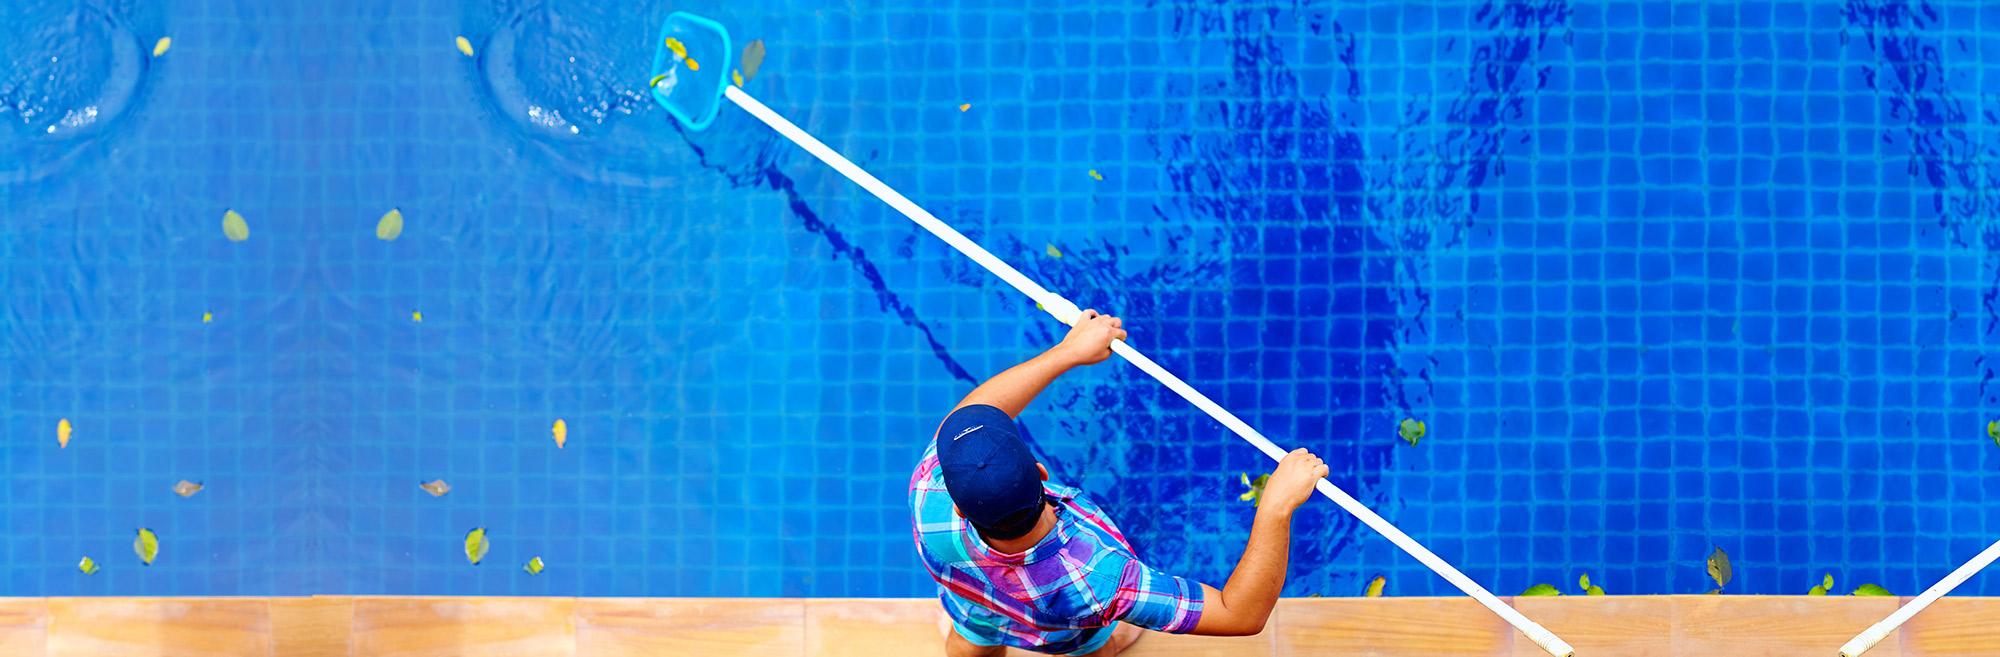 Manutenzione piscine interrate per giardino green house - Costo manutenzione piscina ...